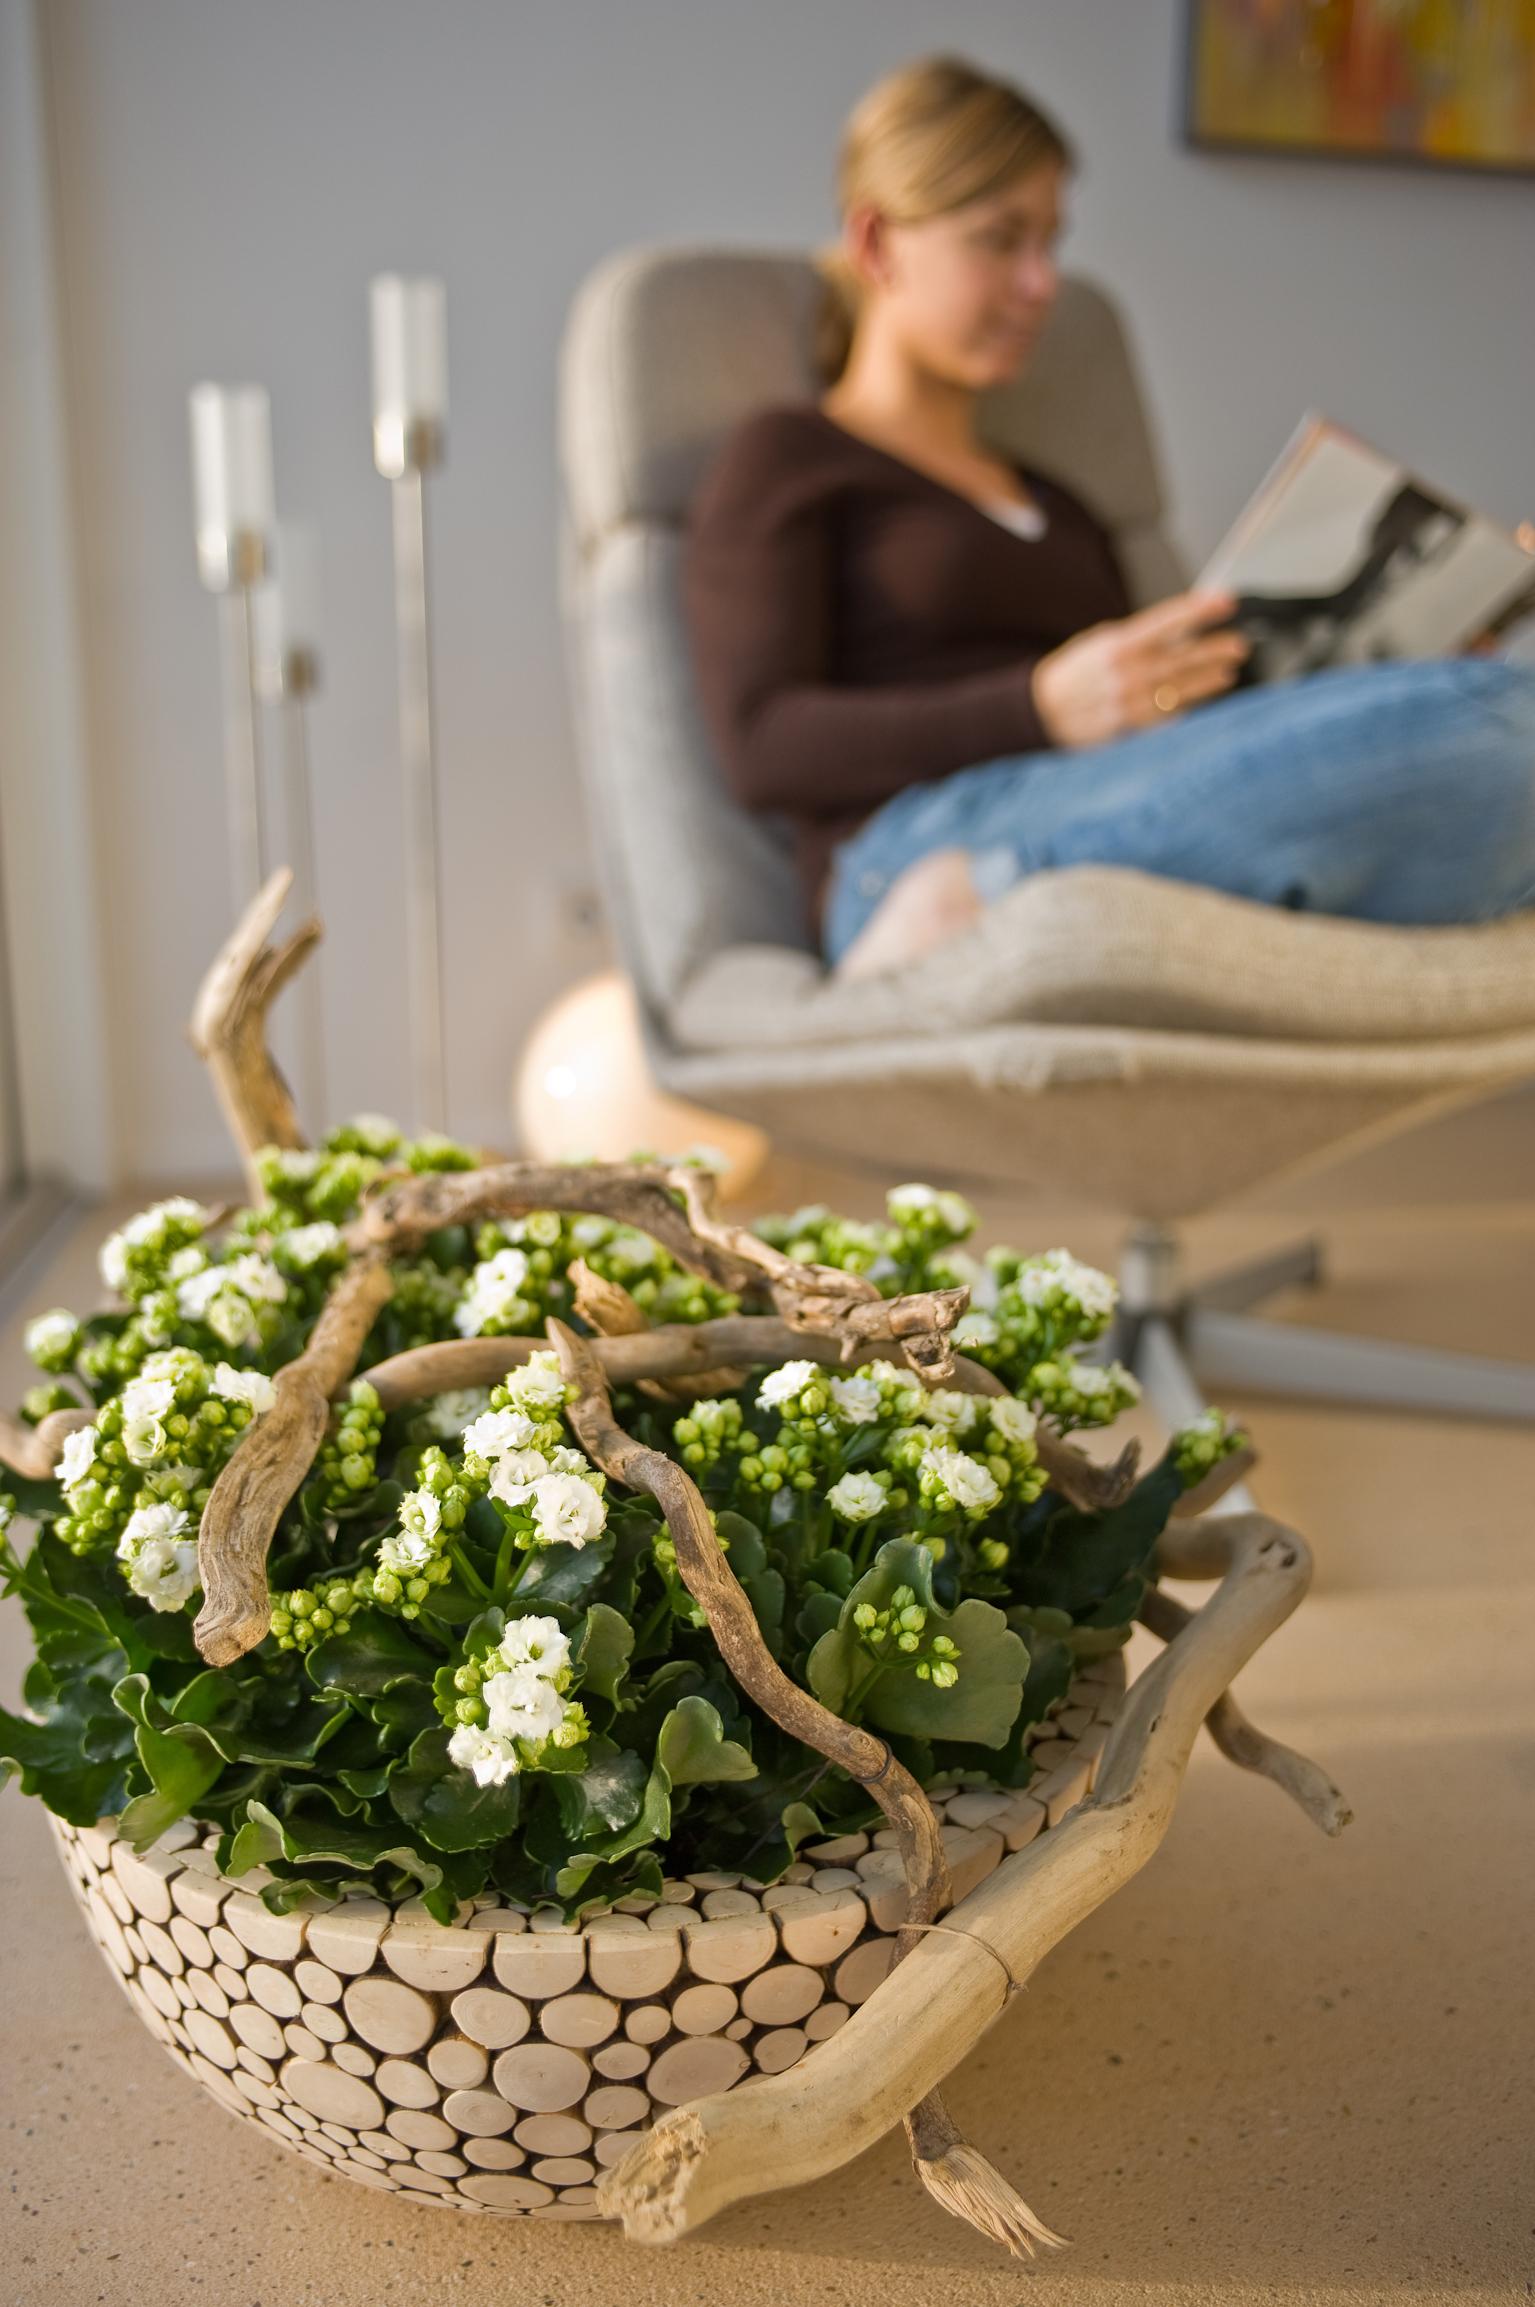 zimmerpflanzen werden mit etwas dekoration zum pers nlichen statement das gr ne medienhaus. Black Bedroom Furniture Sets. Home Design Ideas